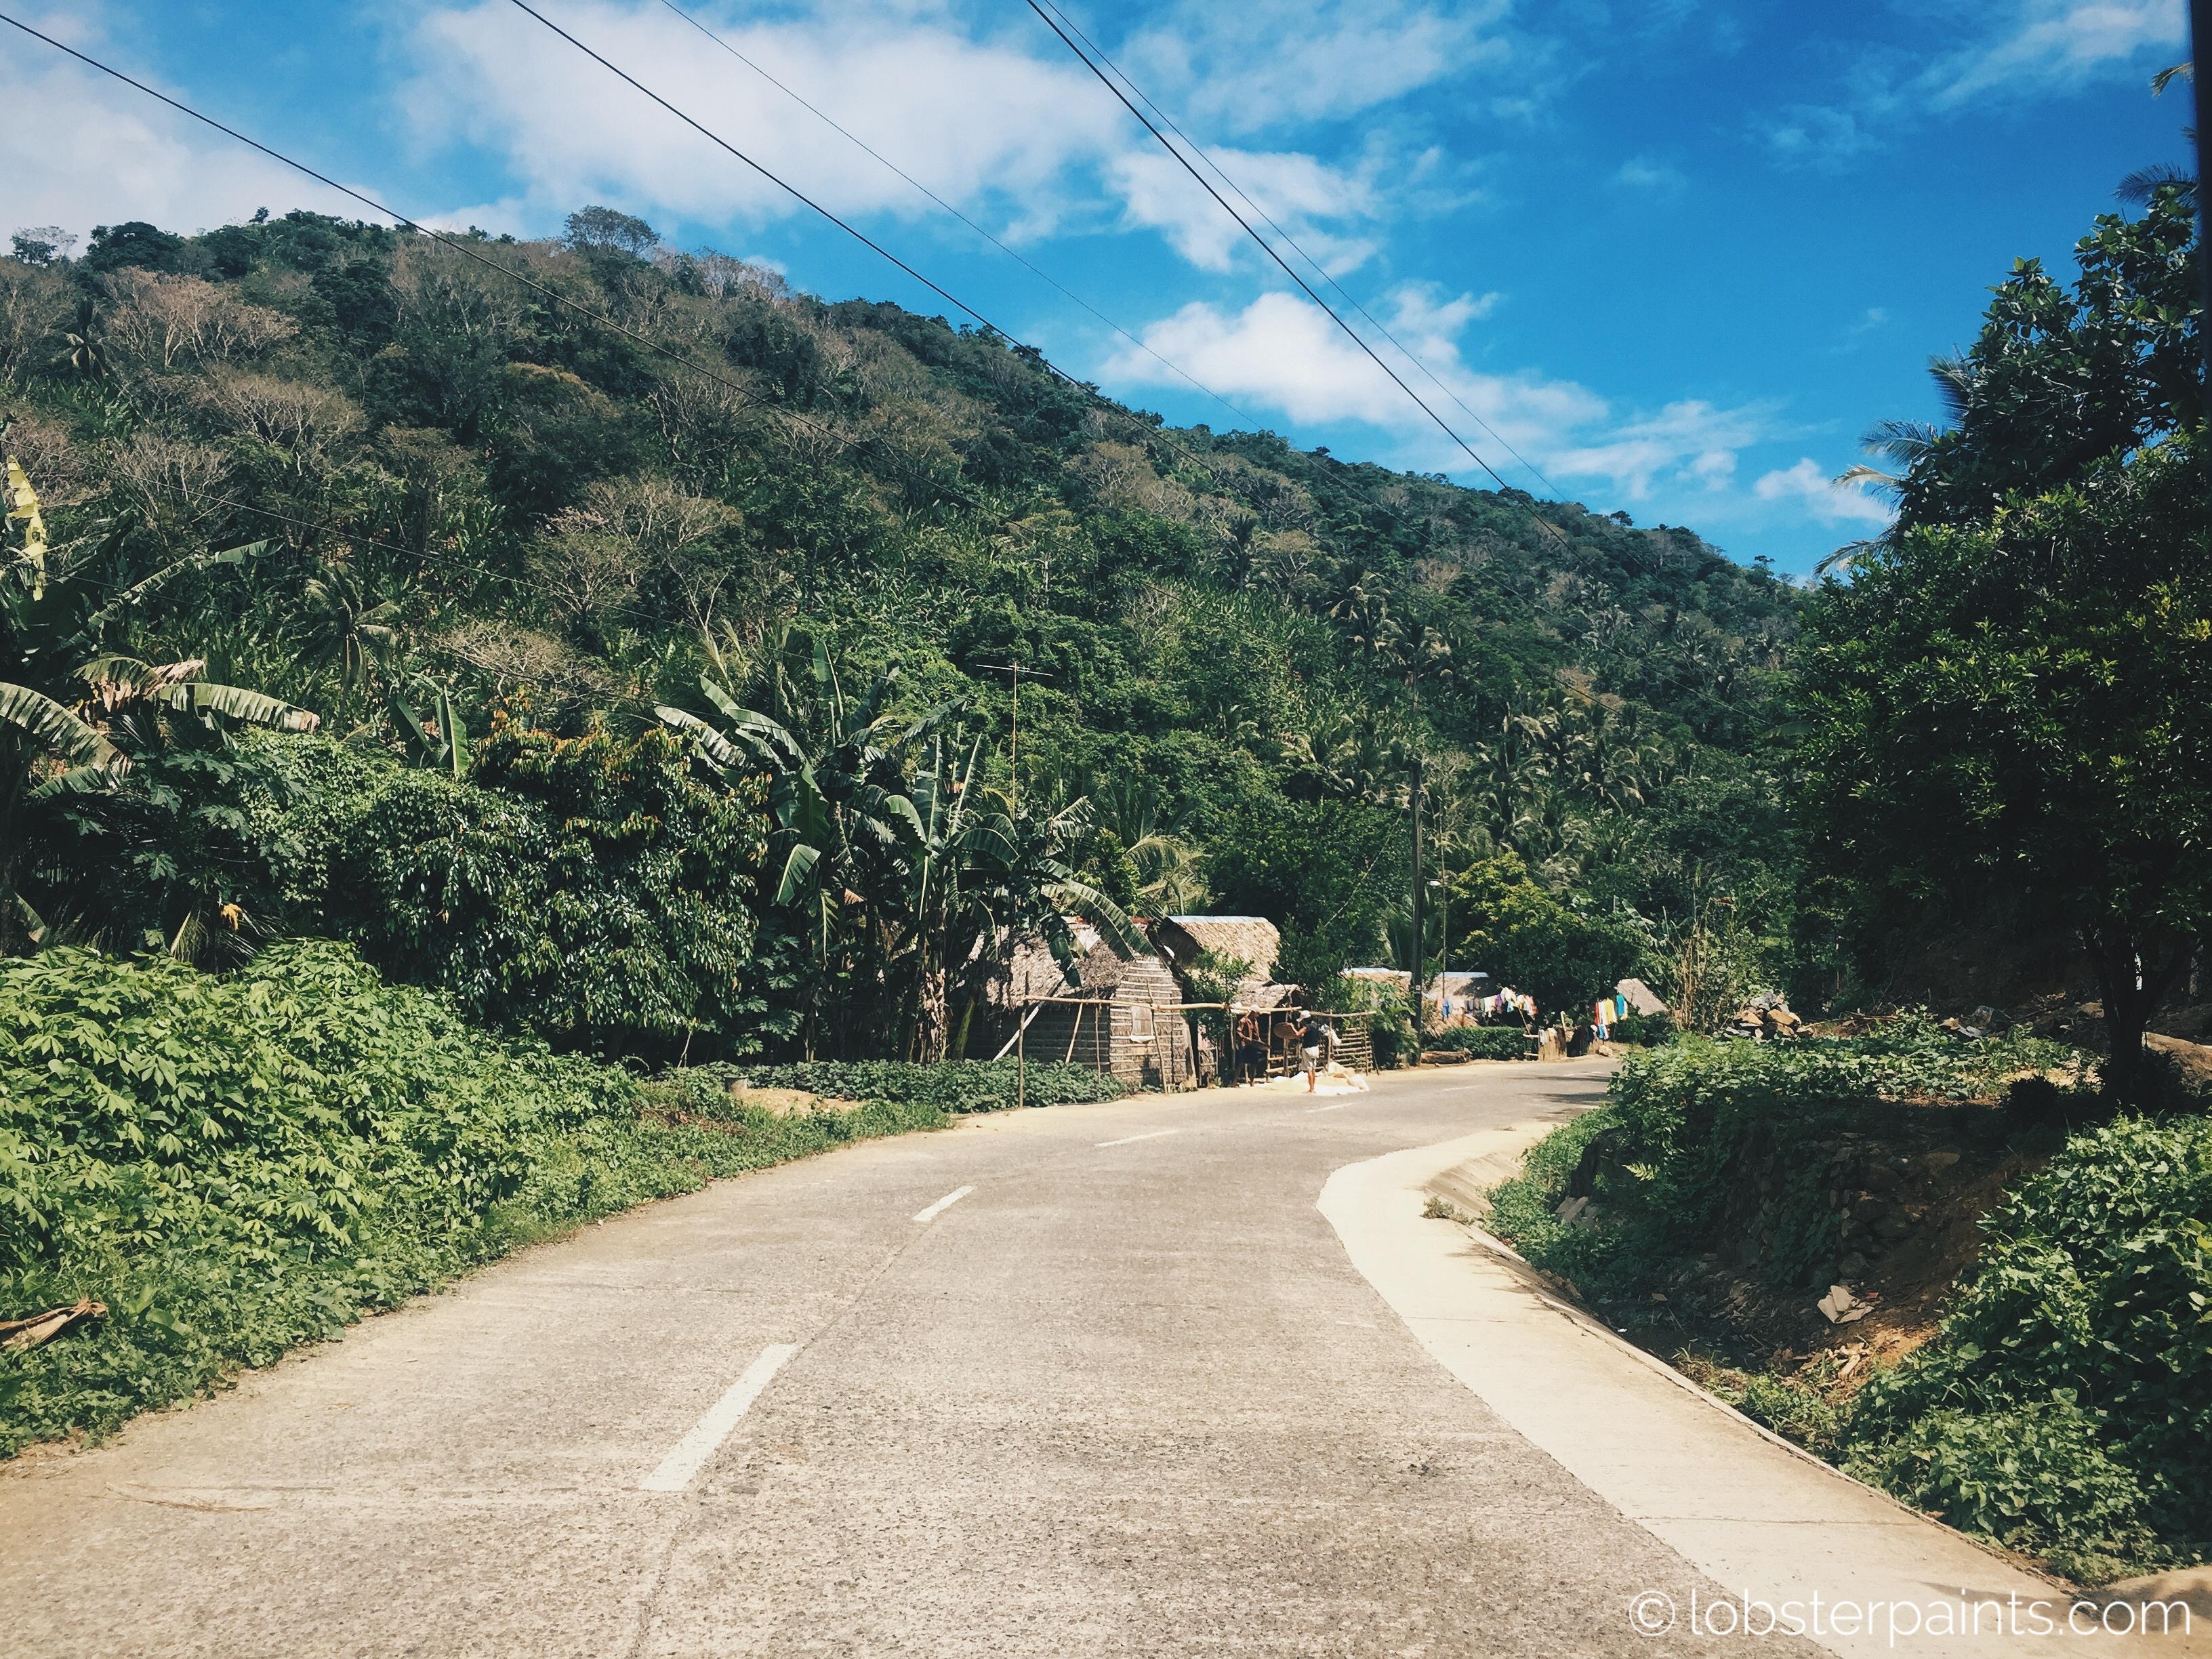 12 Oct 2015: Baras | Catanduanes, Bicol, Philippines